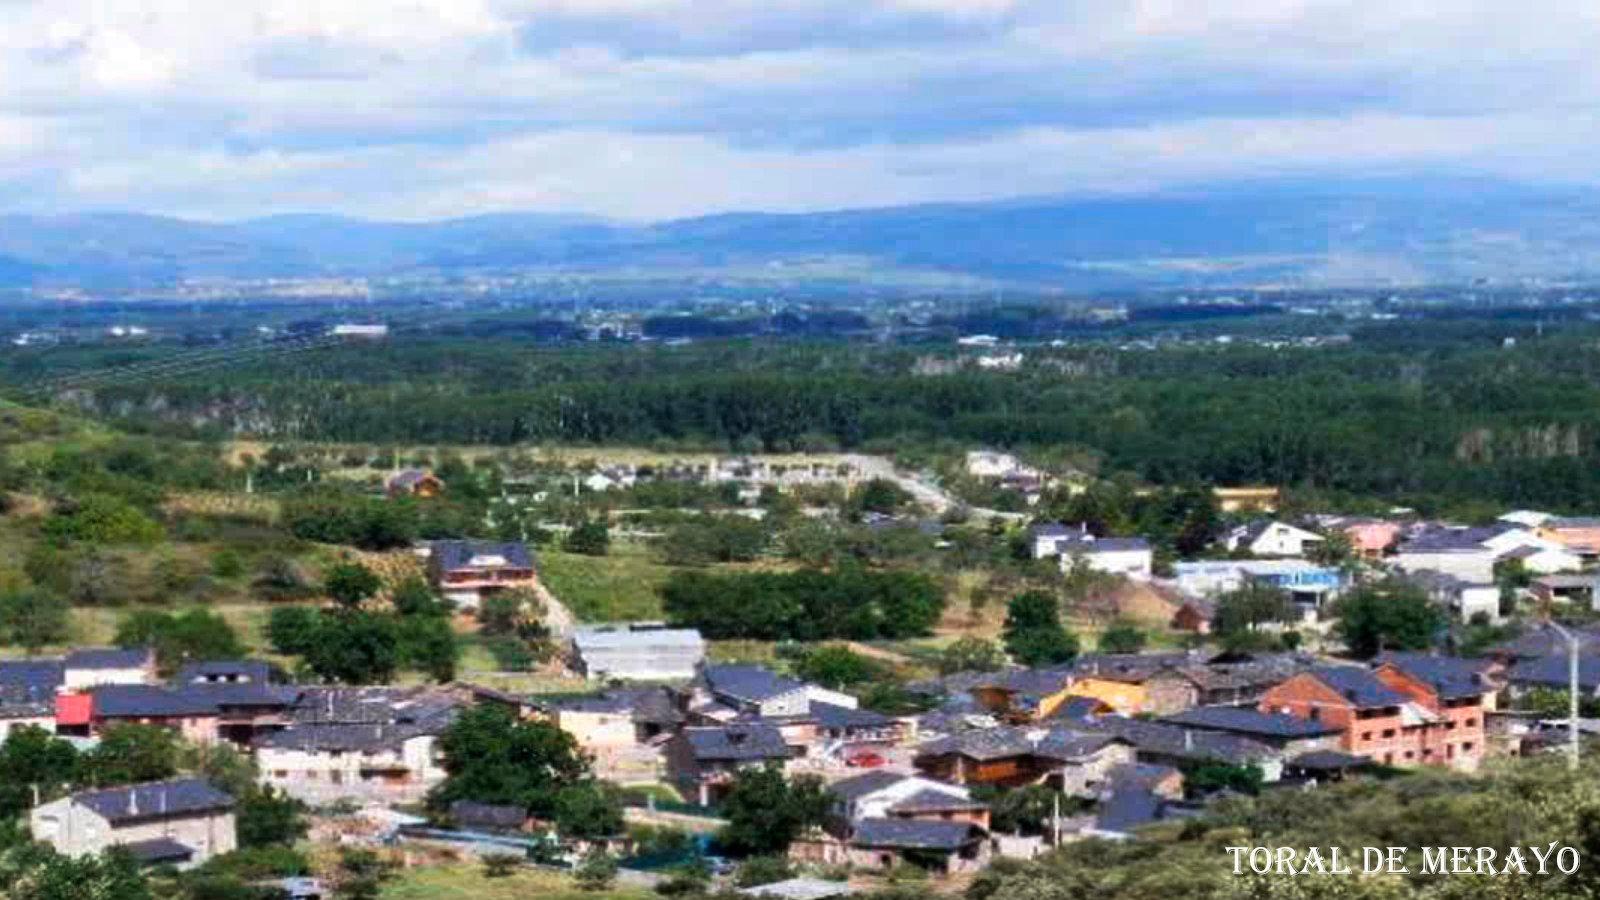 Toral de Merayo-Vista General.jpg